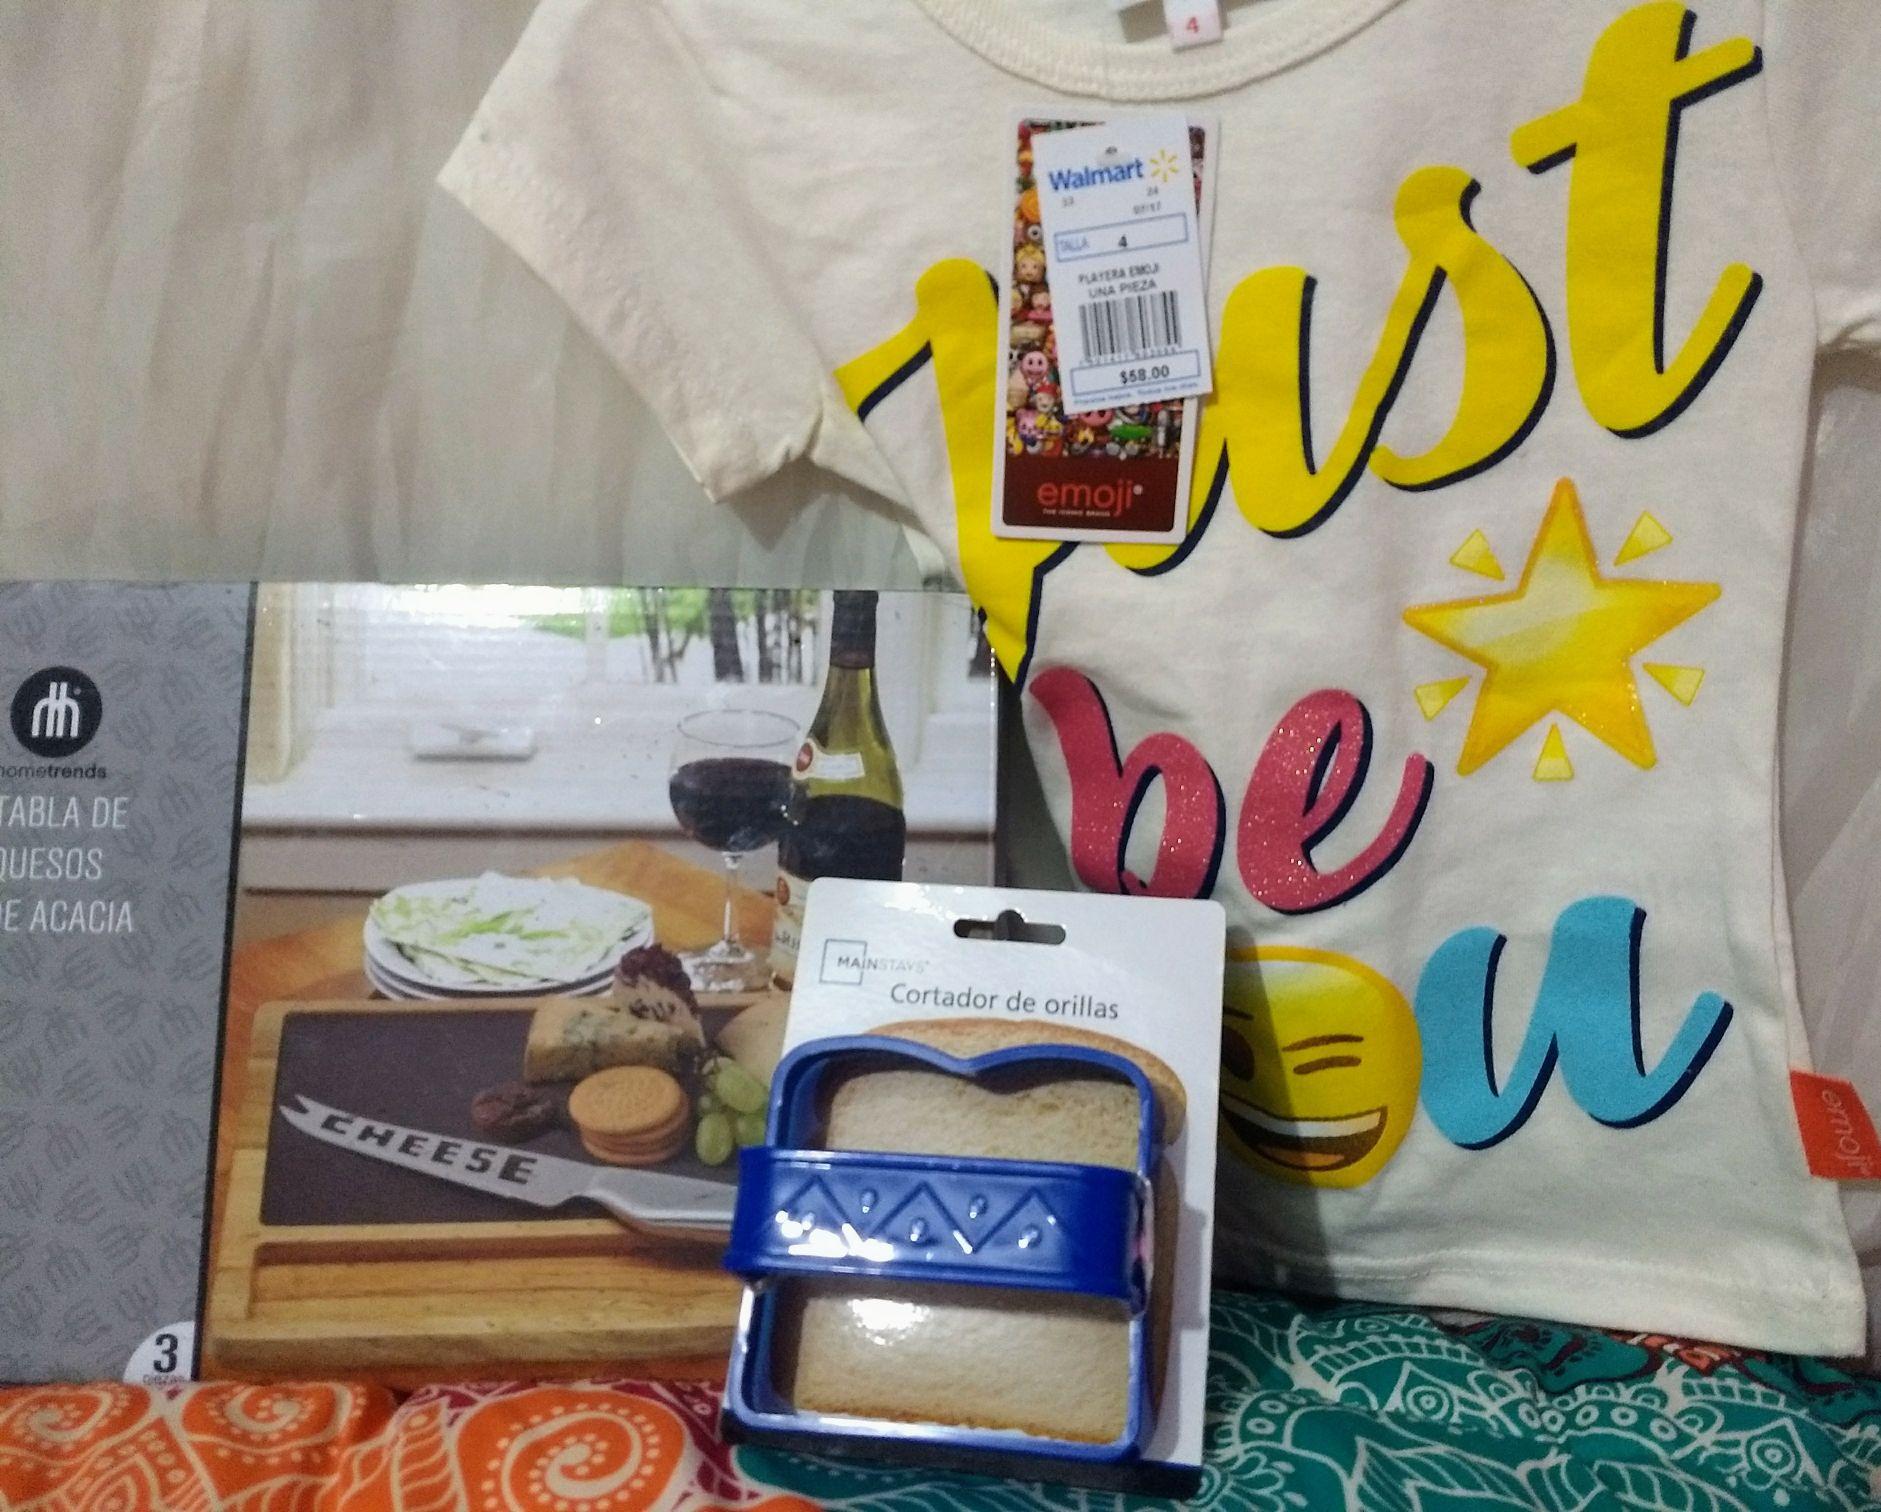 Walmart: Tabla de quesos $48.01, playera emoji $10.02 y cortador para sandwich $2.01